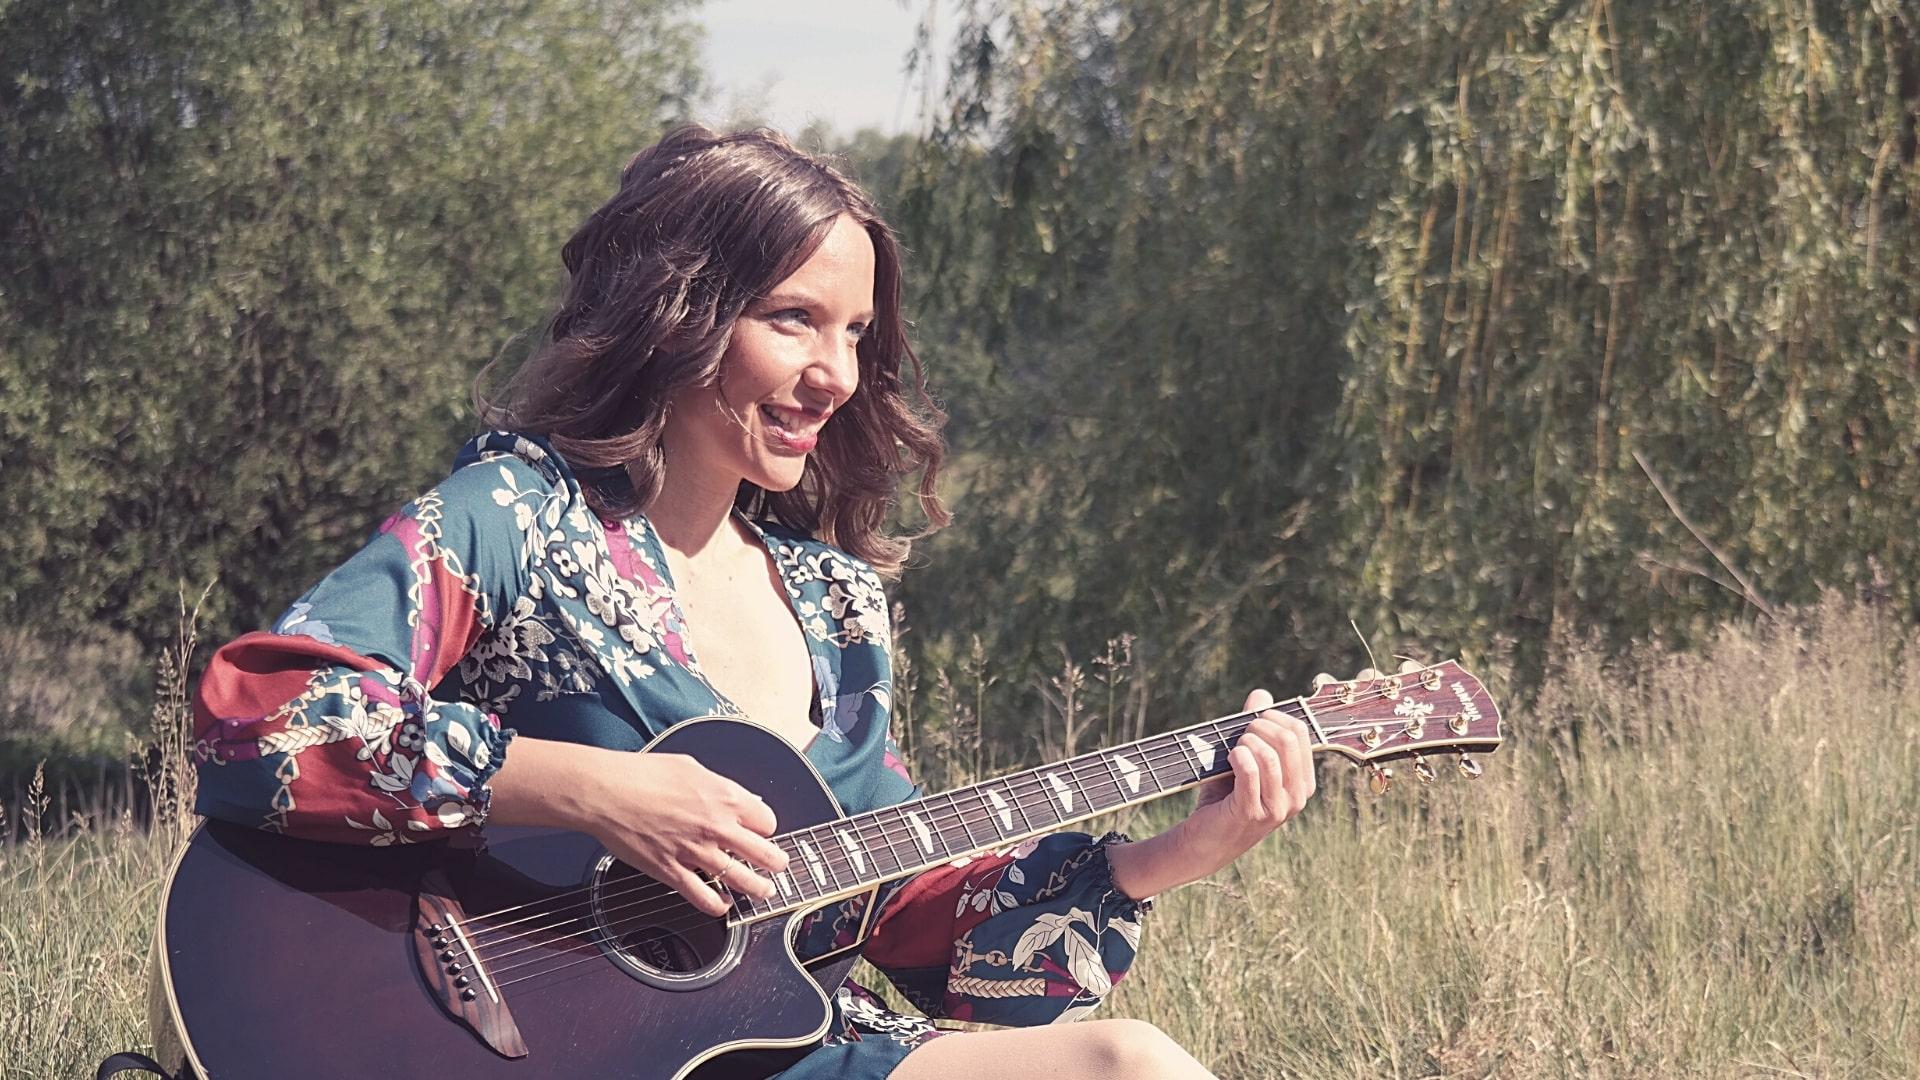 Saengerin-nrw-saengercoach-hochzeitssaengerin-nrw-Gesangslehrerin-Julie-Wnuk